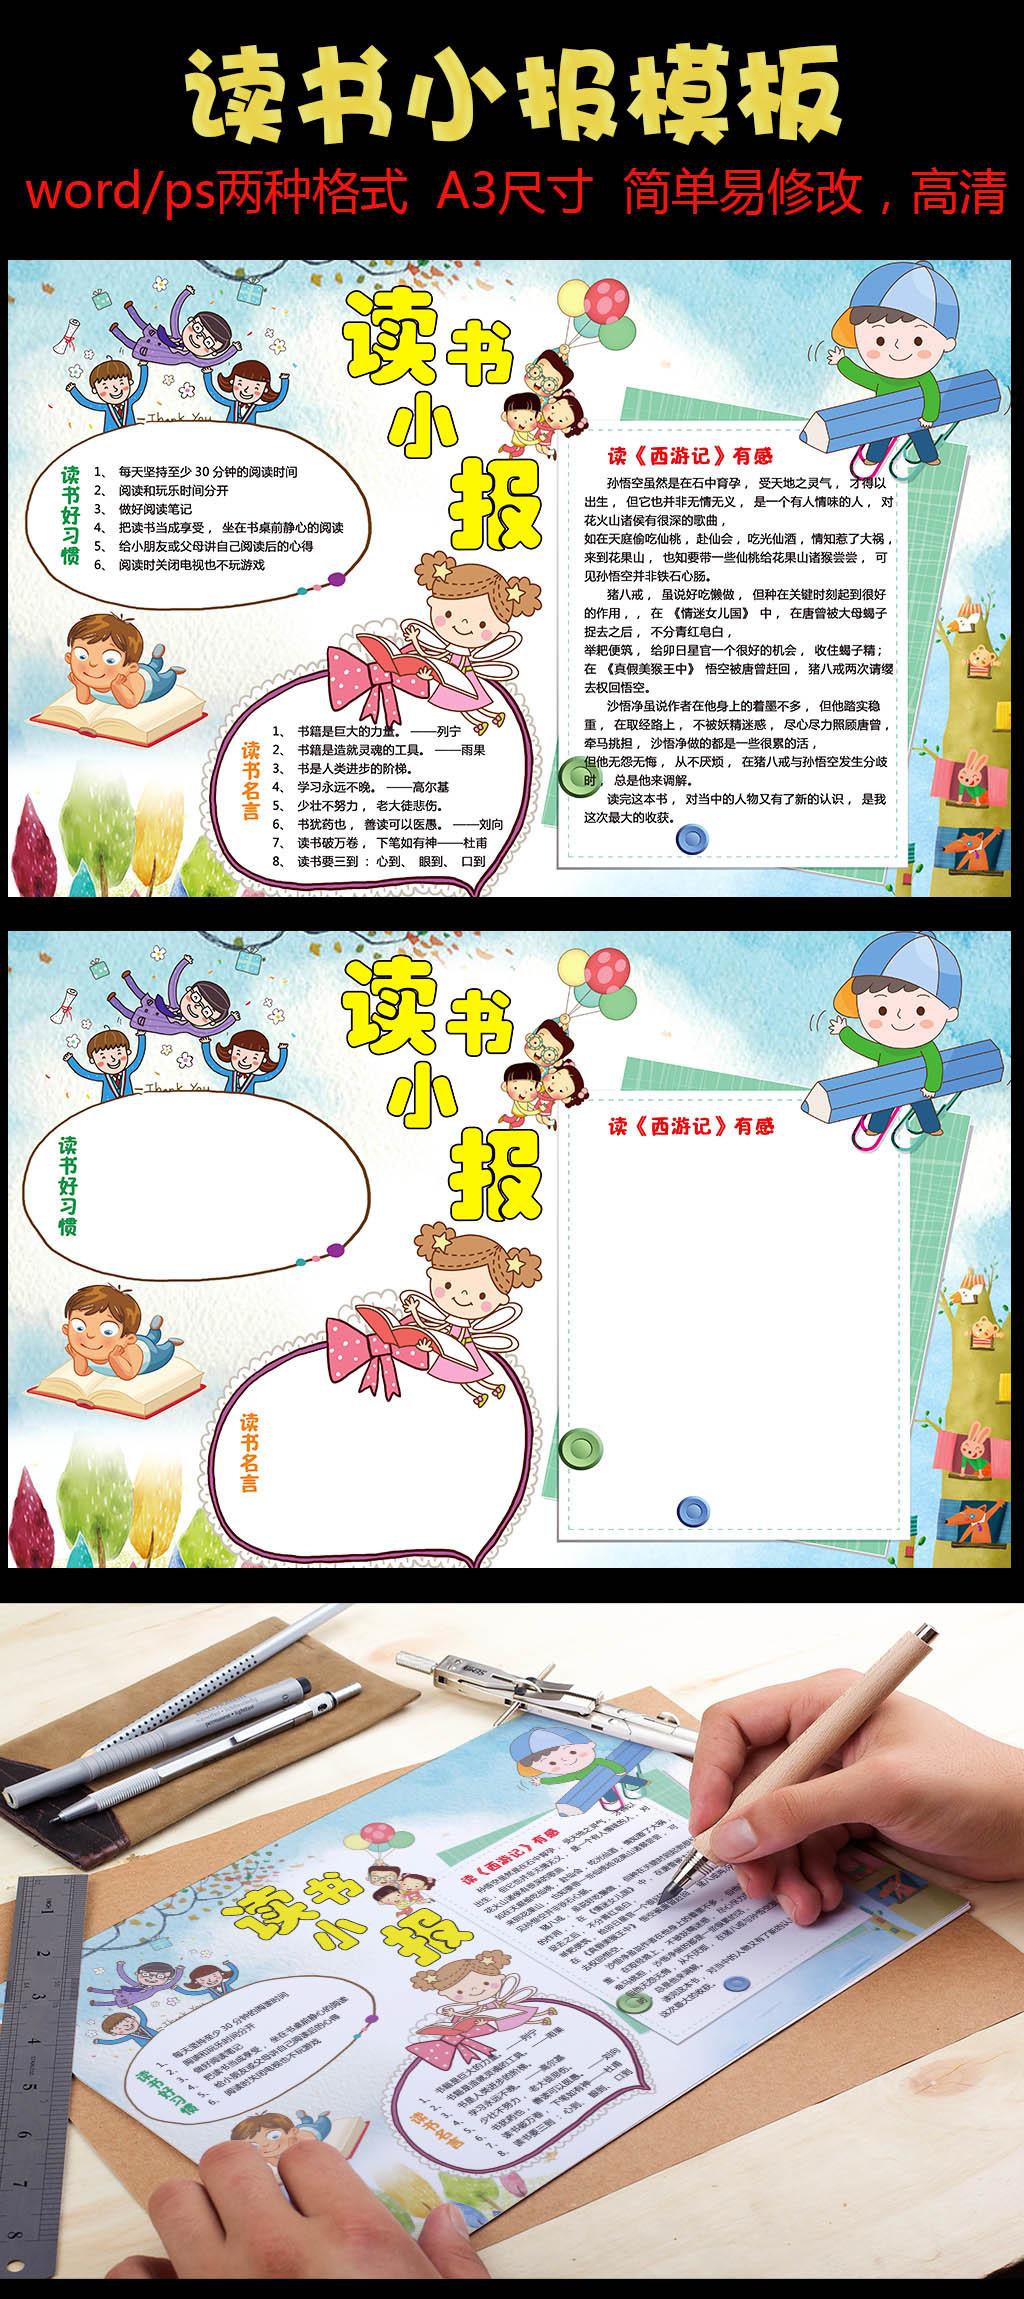 原创设计小学生读书小报儿童电子手抄报背景素材模